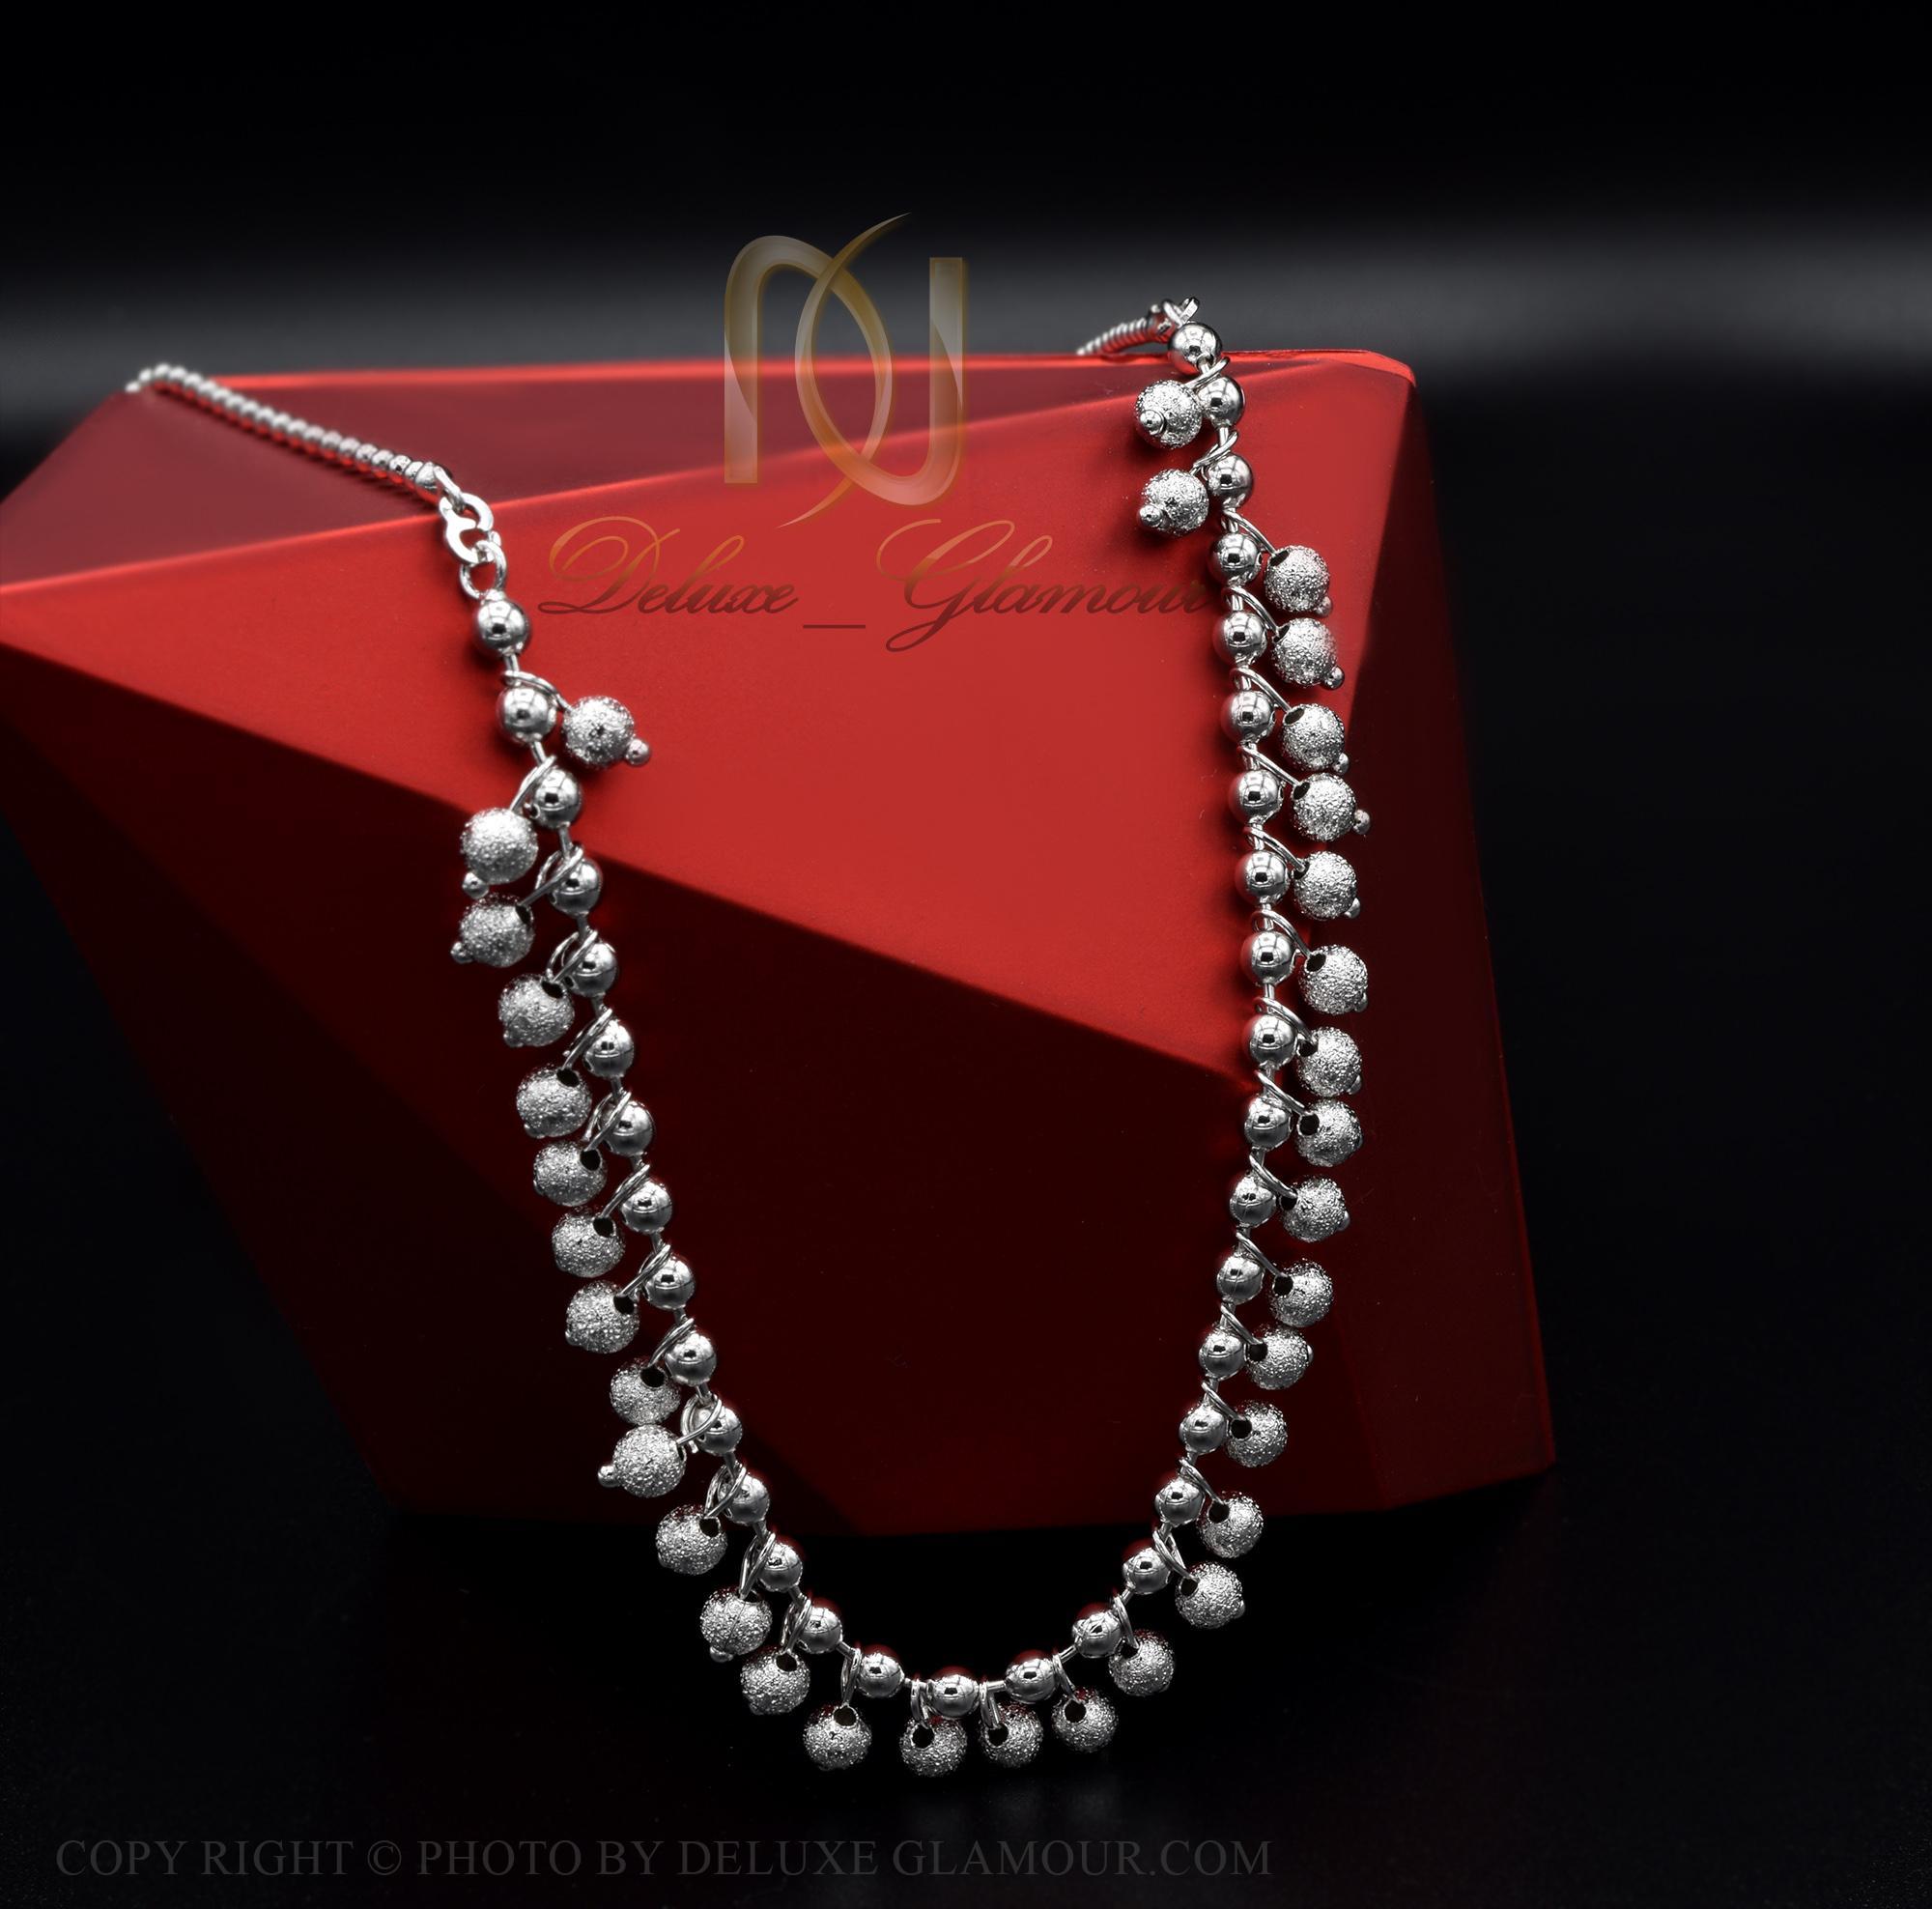 گردنبند سینه ریز زنانه آویزدار ژوپینگ nw-n434 از نمای مشکی